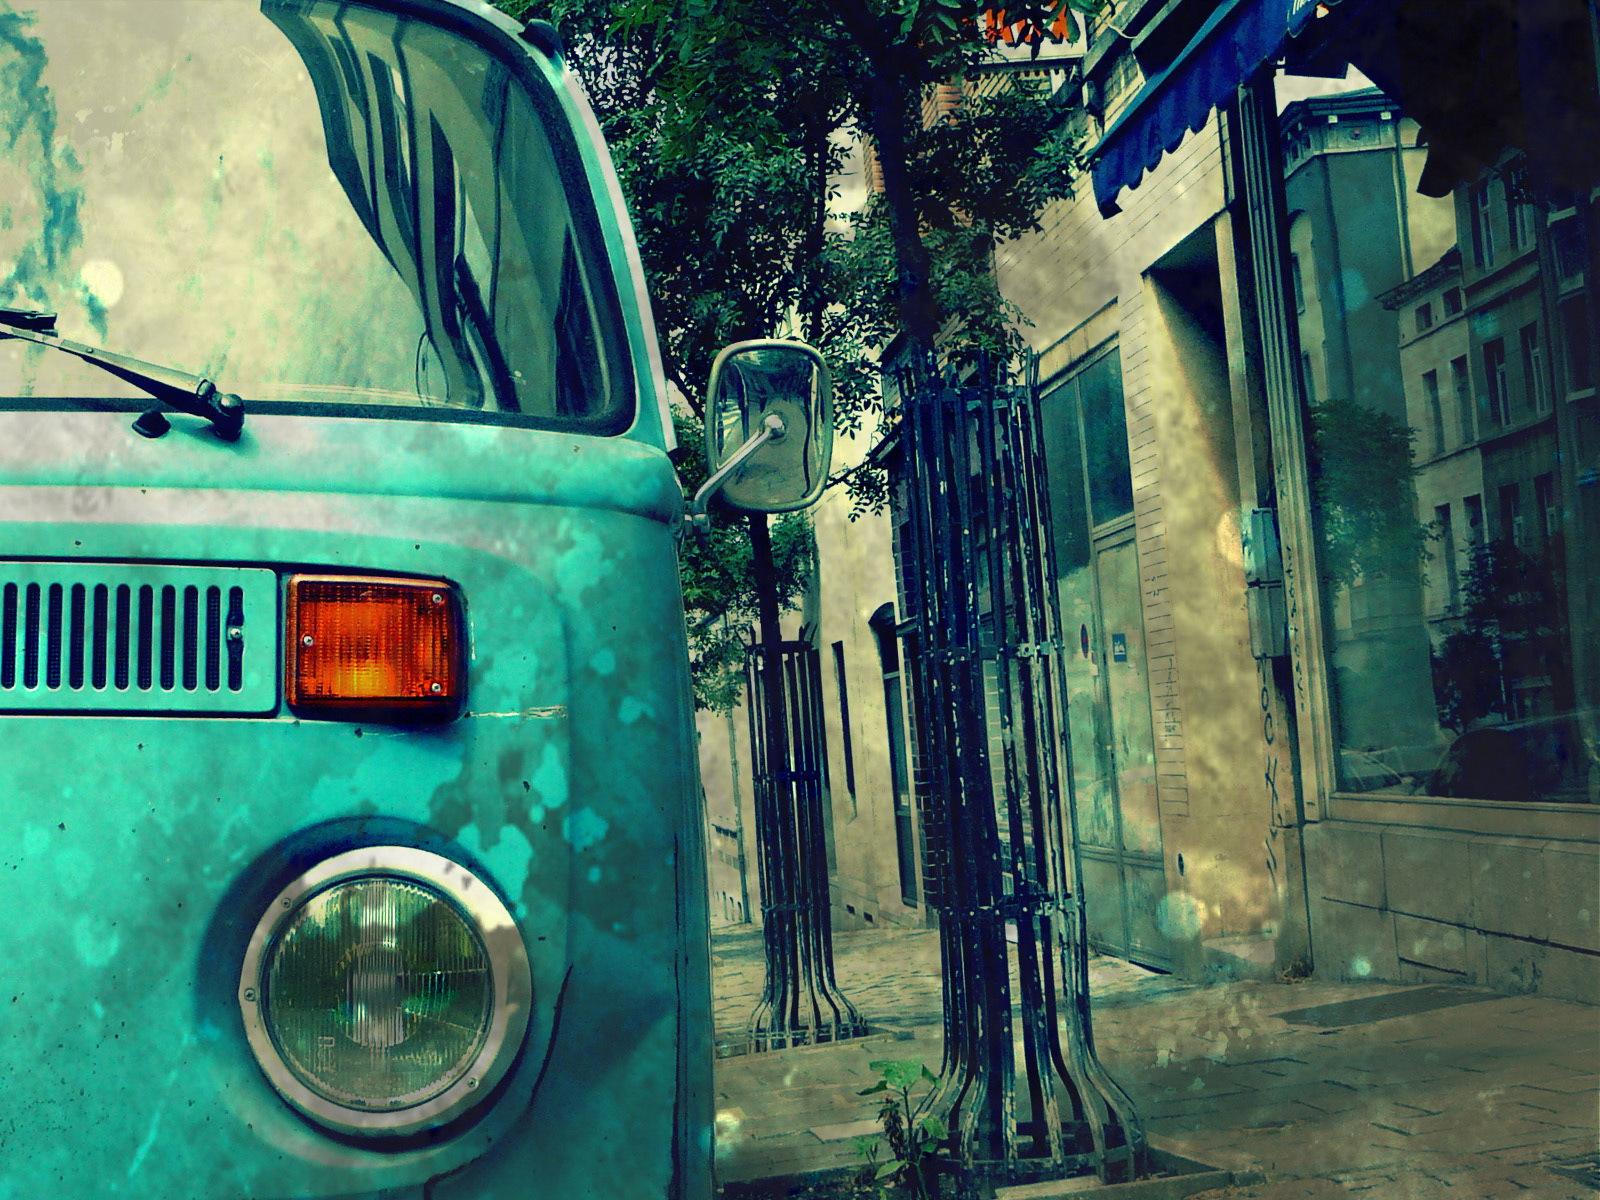 Classic <b>Car Wallpapers</b> Desktop - WallpaperSafari